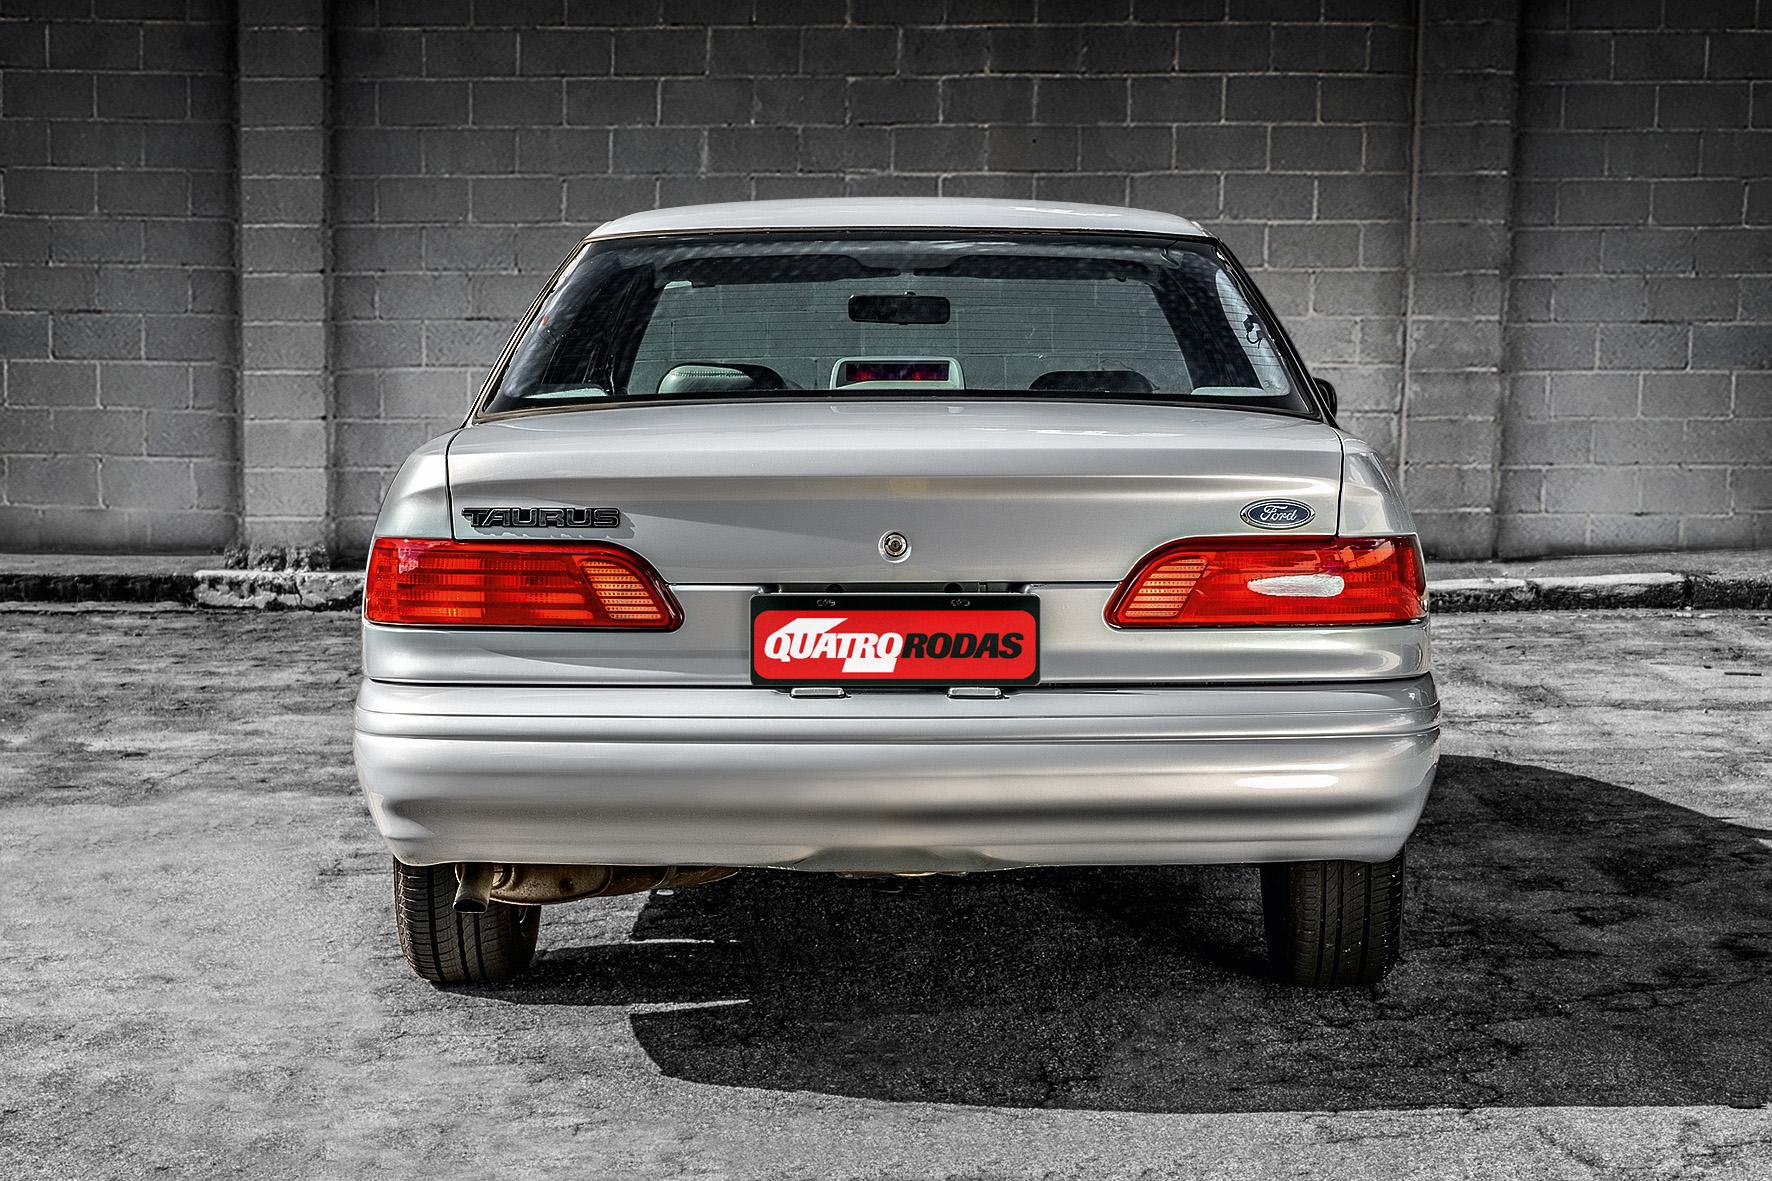 Ford Taurus GL 1994 traseira e lanternas.